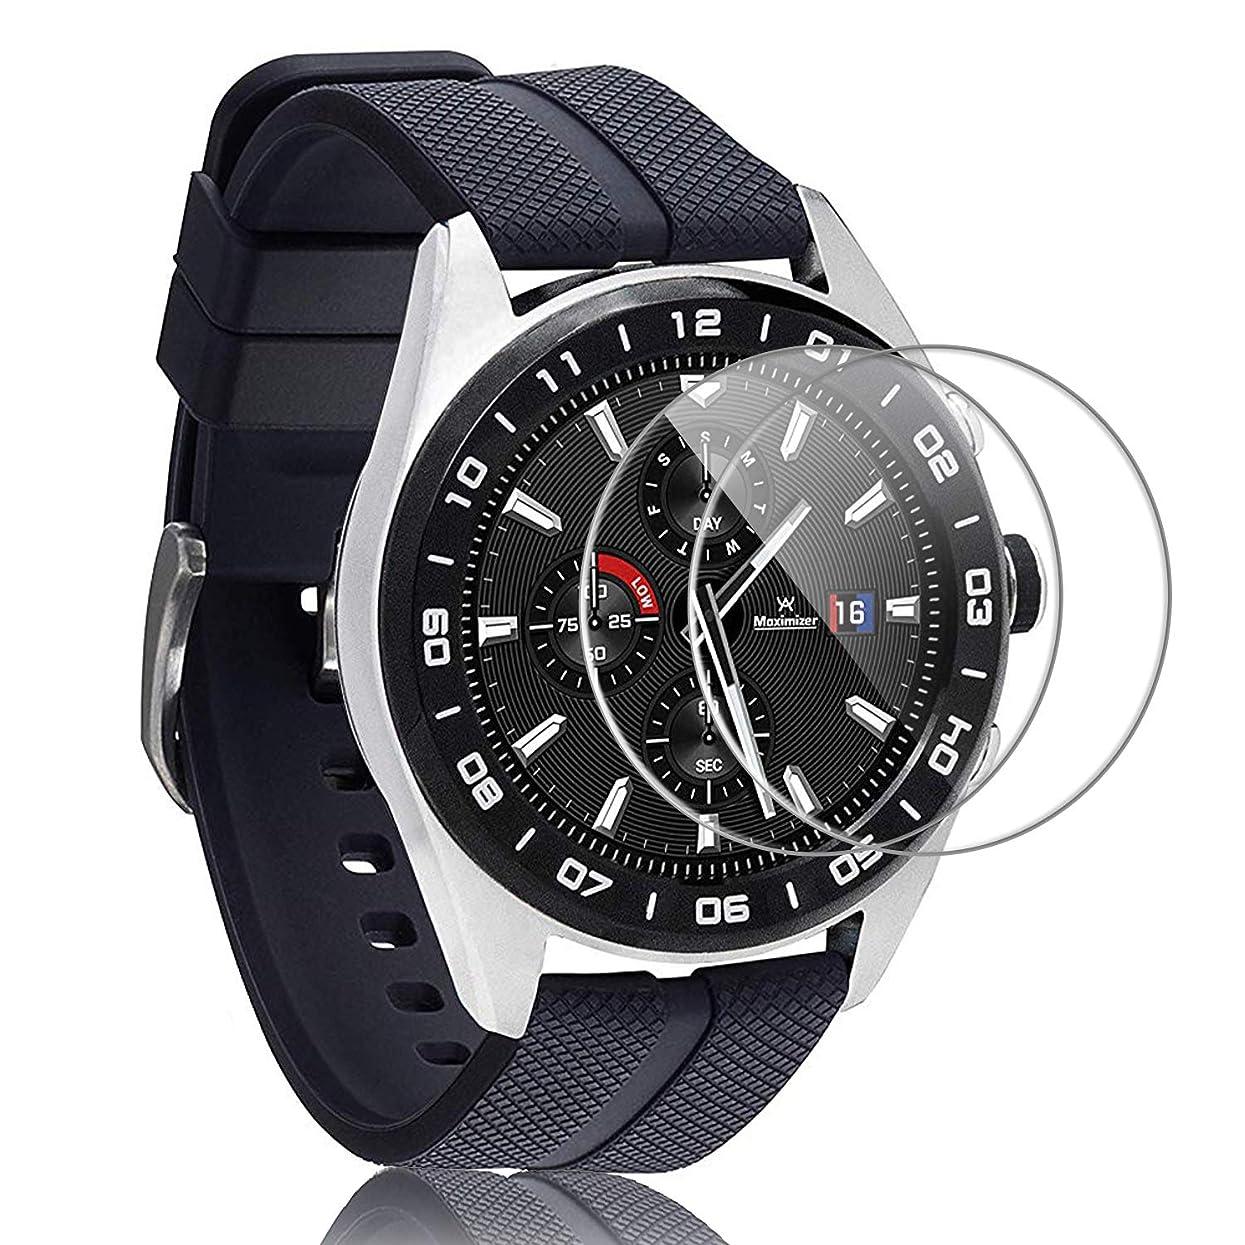 状本気甘くする[Kotech] LG Watch W7 ガラスフィルム『2枚入り』9H硬度 指紋防止 気泡ゼロ 飛散防止 LG Watch W7 保護フィルム Watch W7 フィルム